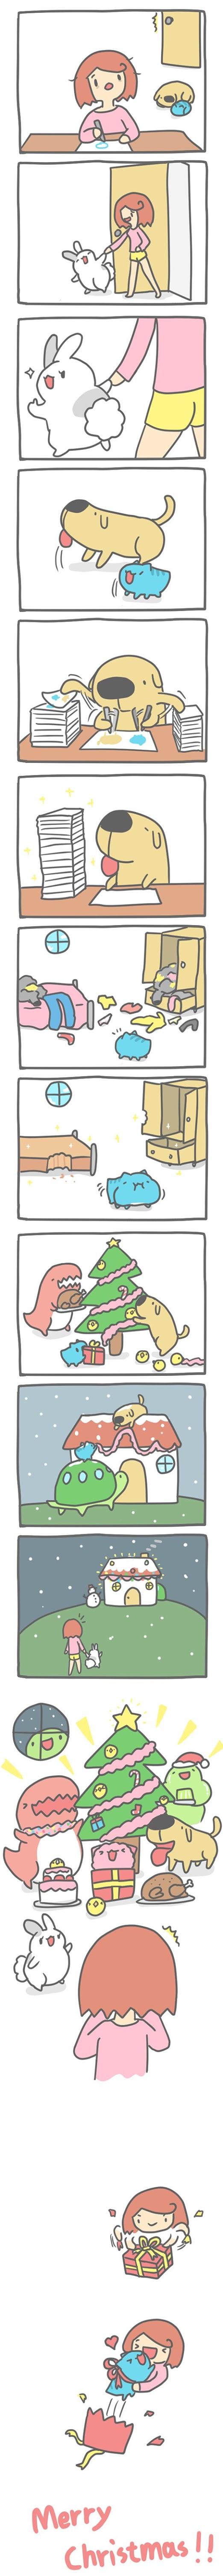 Truyện Mìn Lèo #86: Chúc mừng giáng sinh